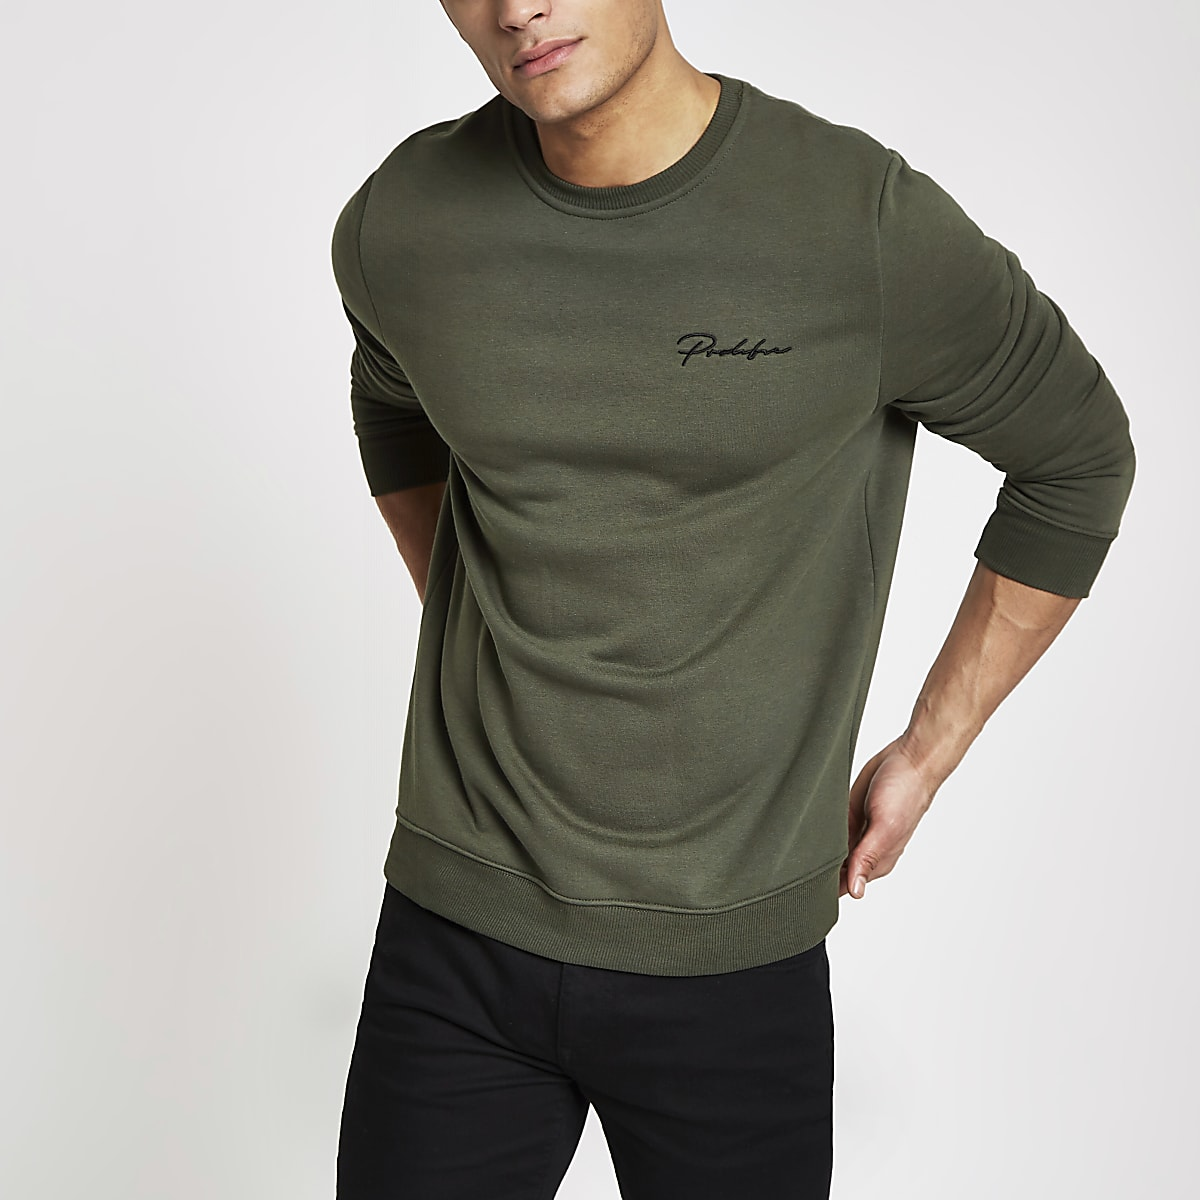 Khaki green Prolific slim fit sweatshirt